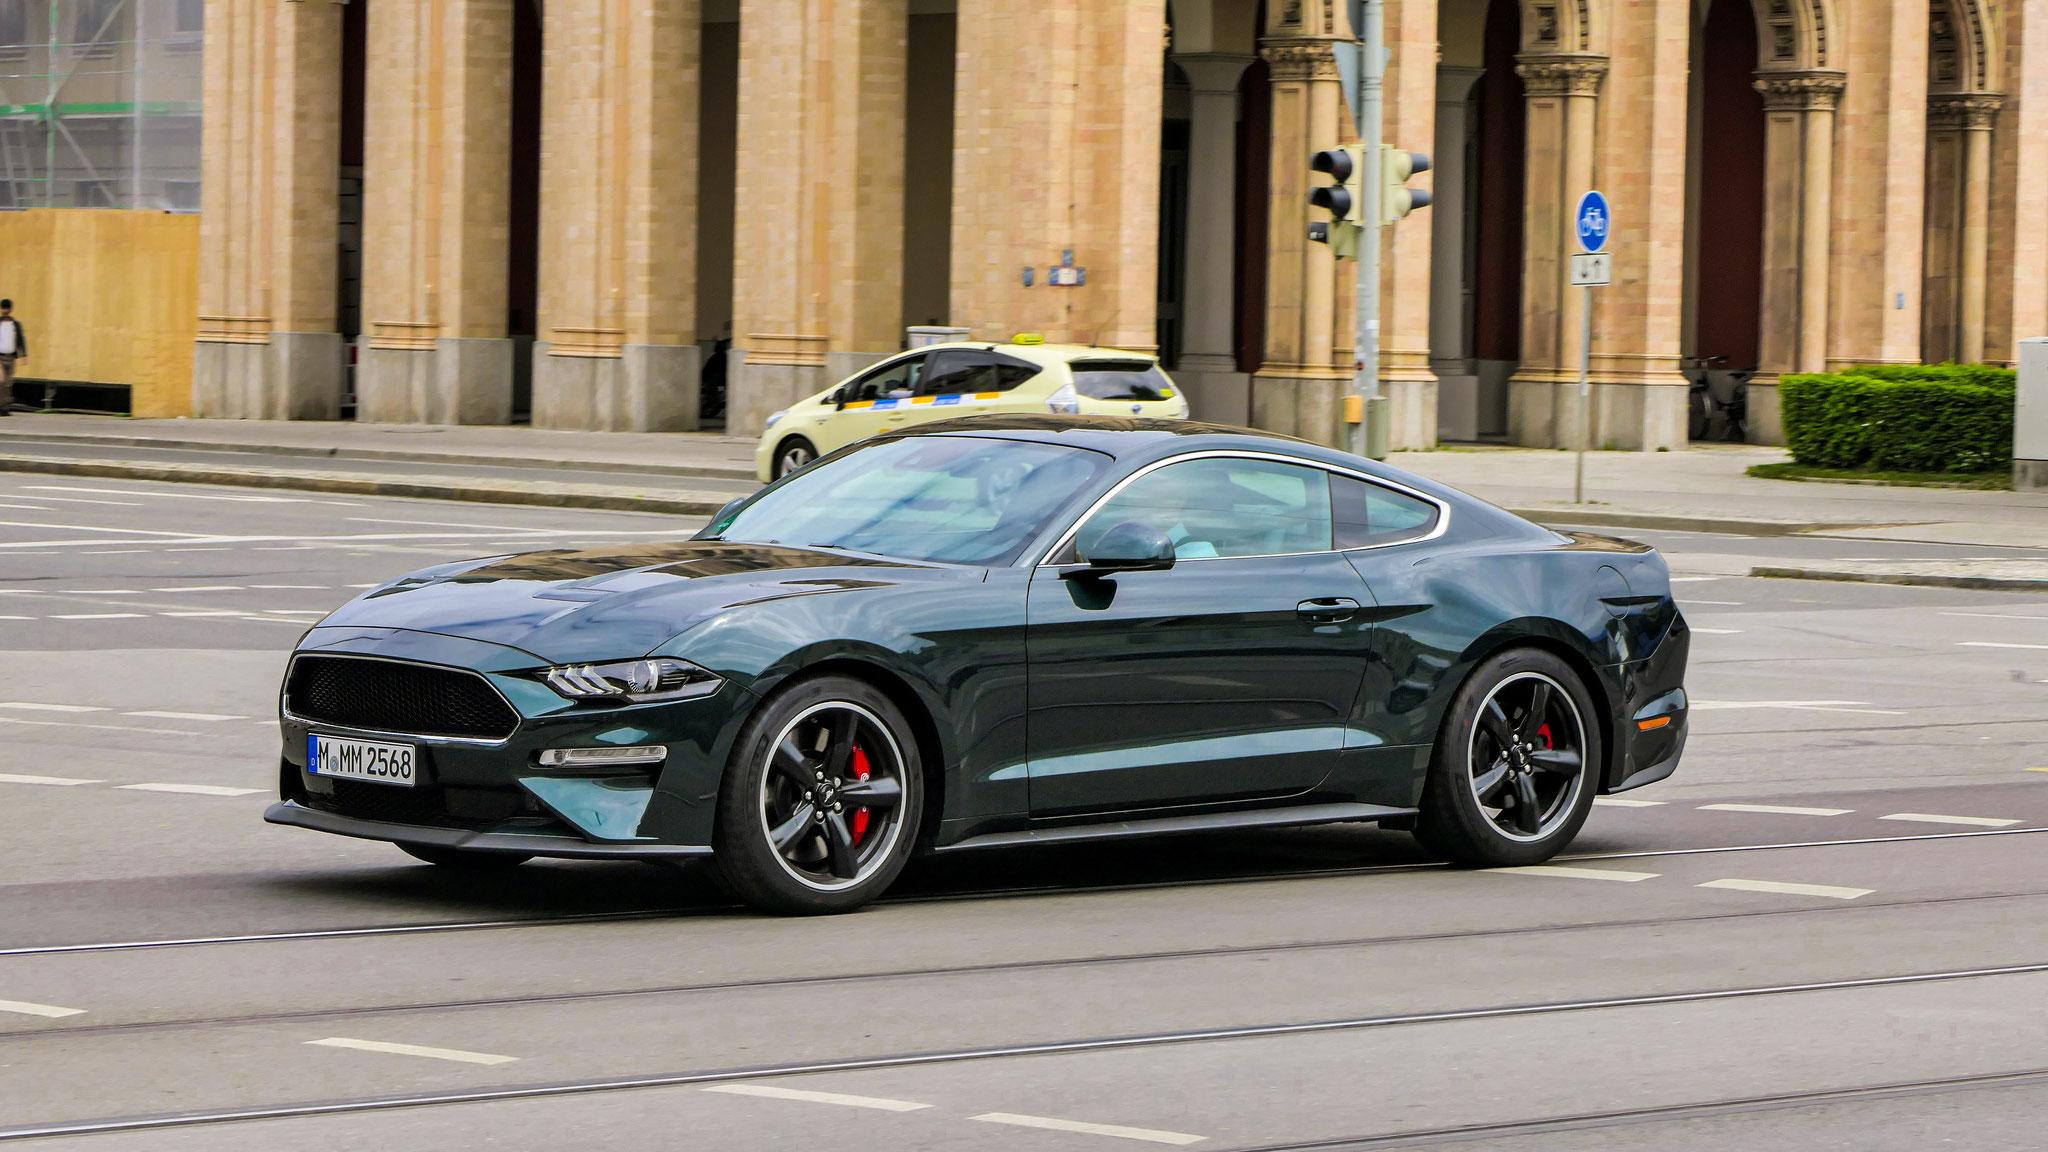 Ford Mustang Bullitt - M-MM-2568